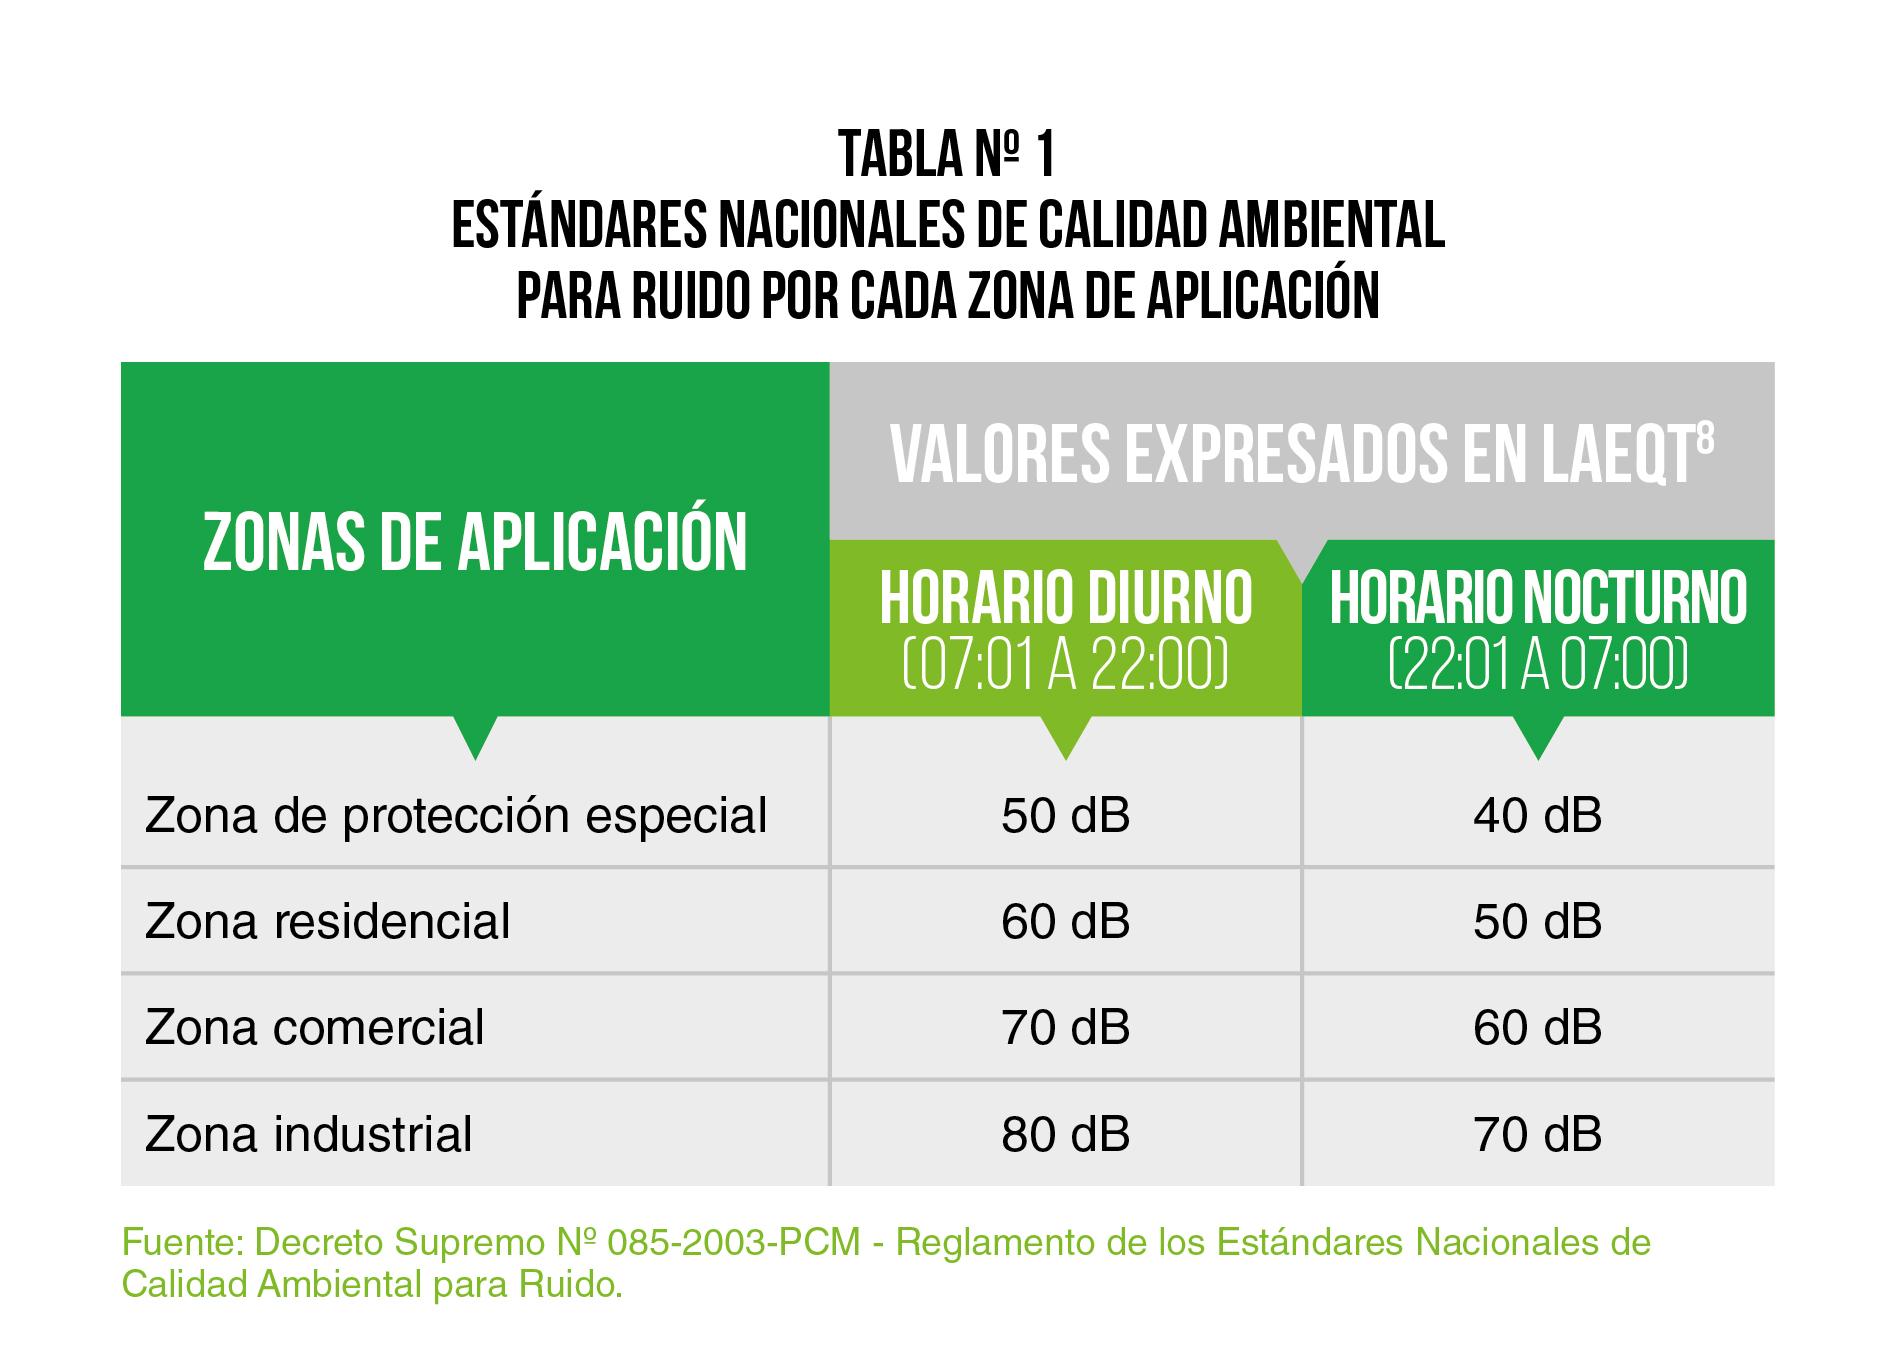 Contaminación sonora: El 90% de zonas en Lima exceden los estándares ...